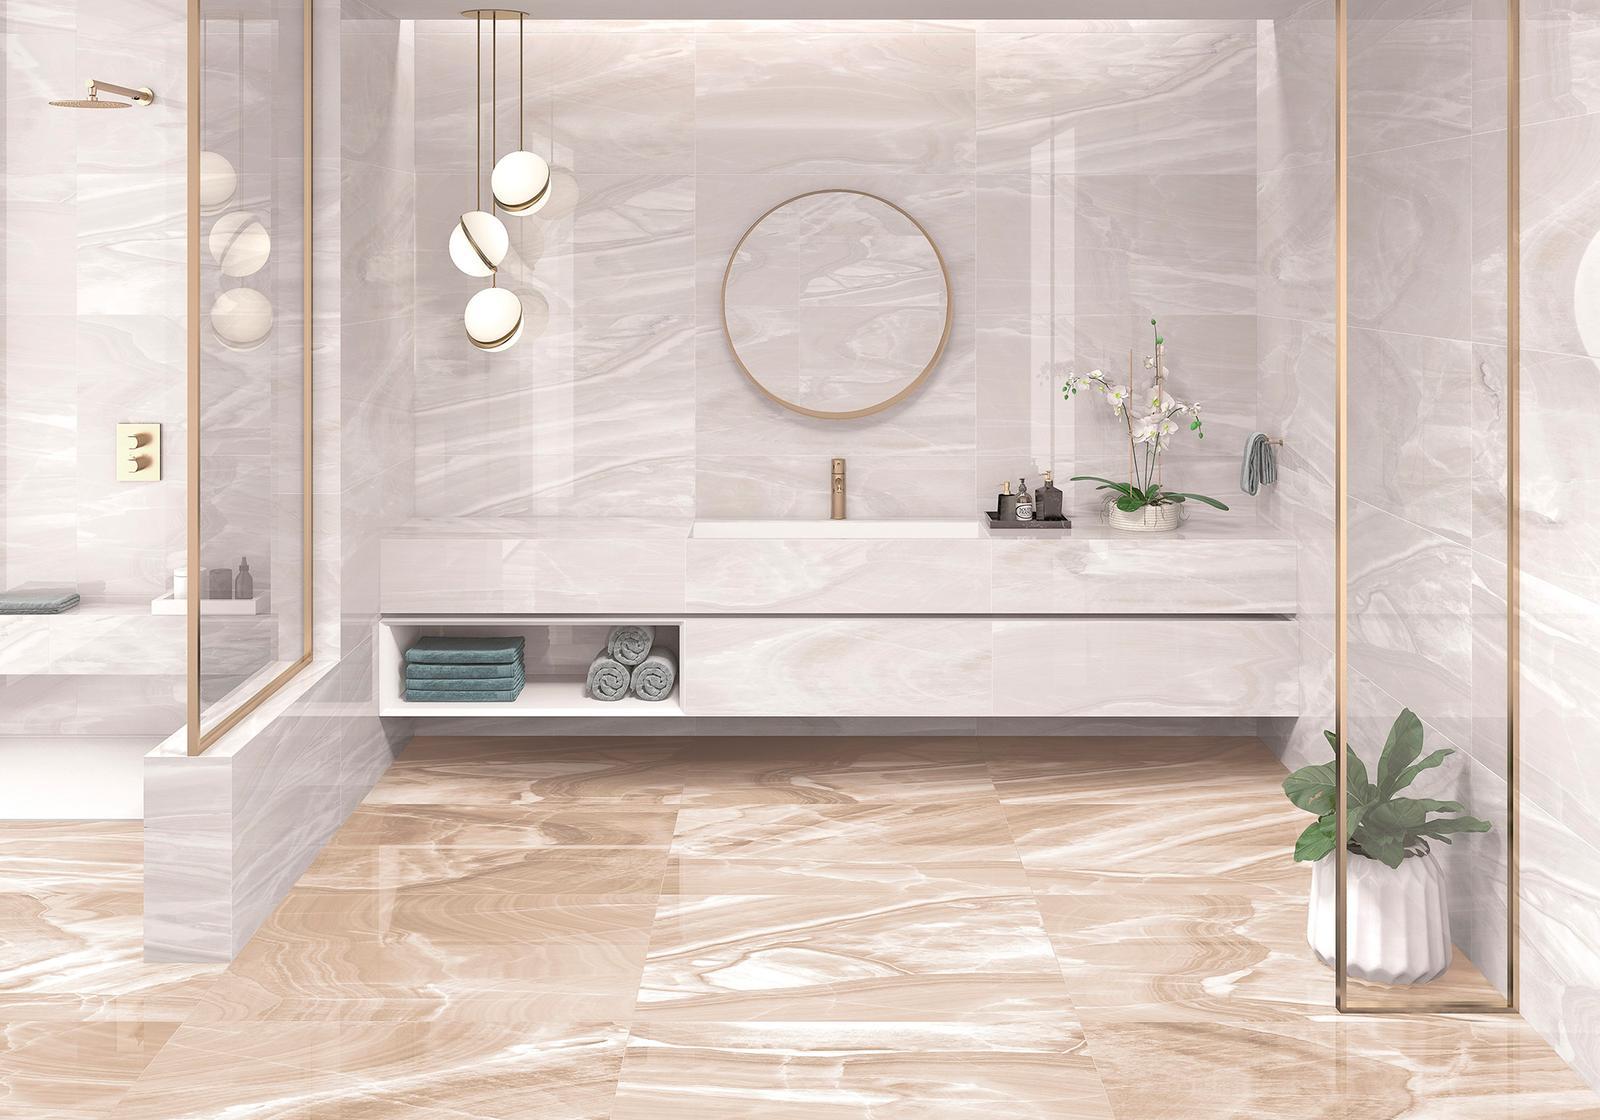 Luxusné kúpelne zo Španielska - luxusná lesklá kúpeľňa Arezzo Ice 49,1x98,2, Arezzo Sand 49,1x98,2